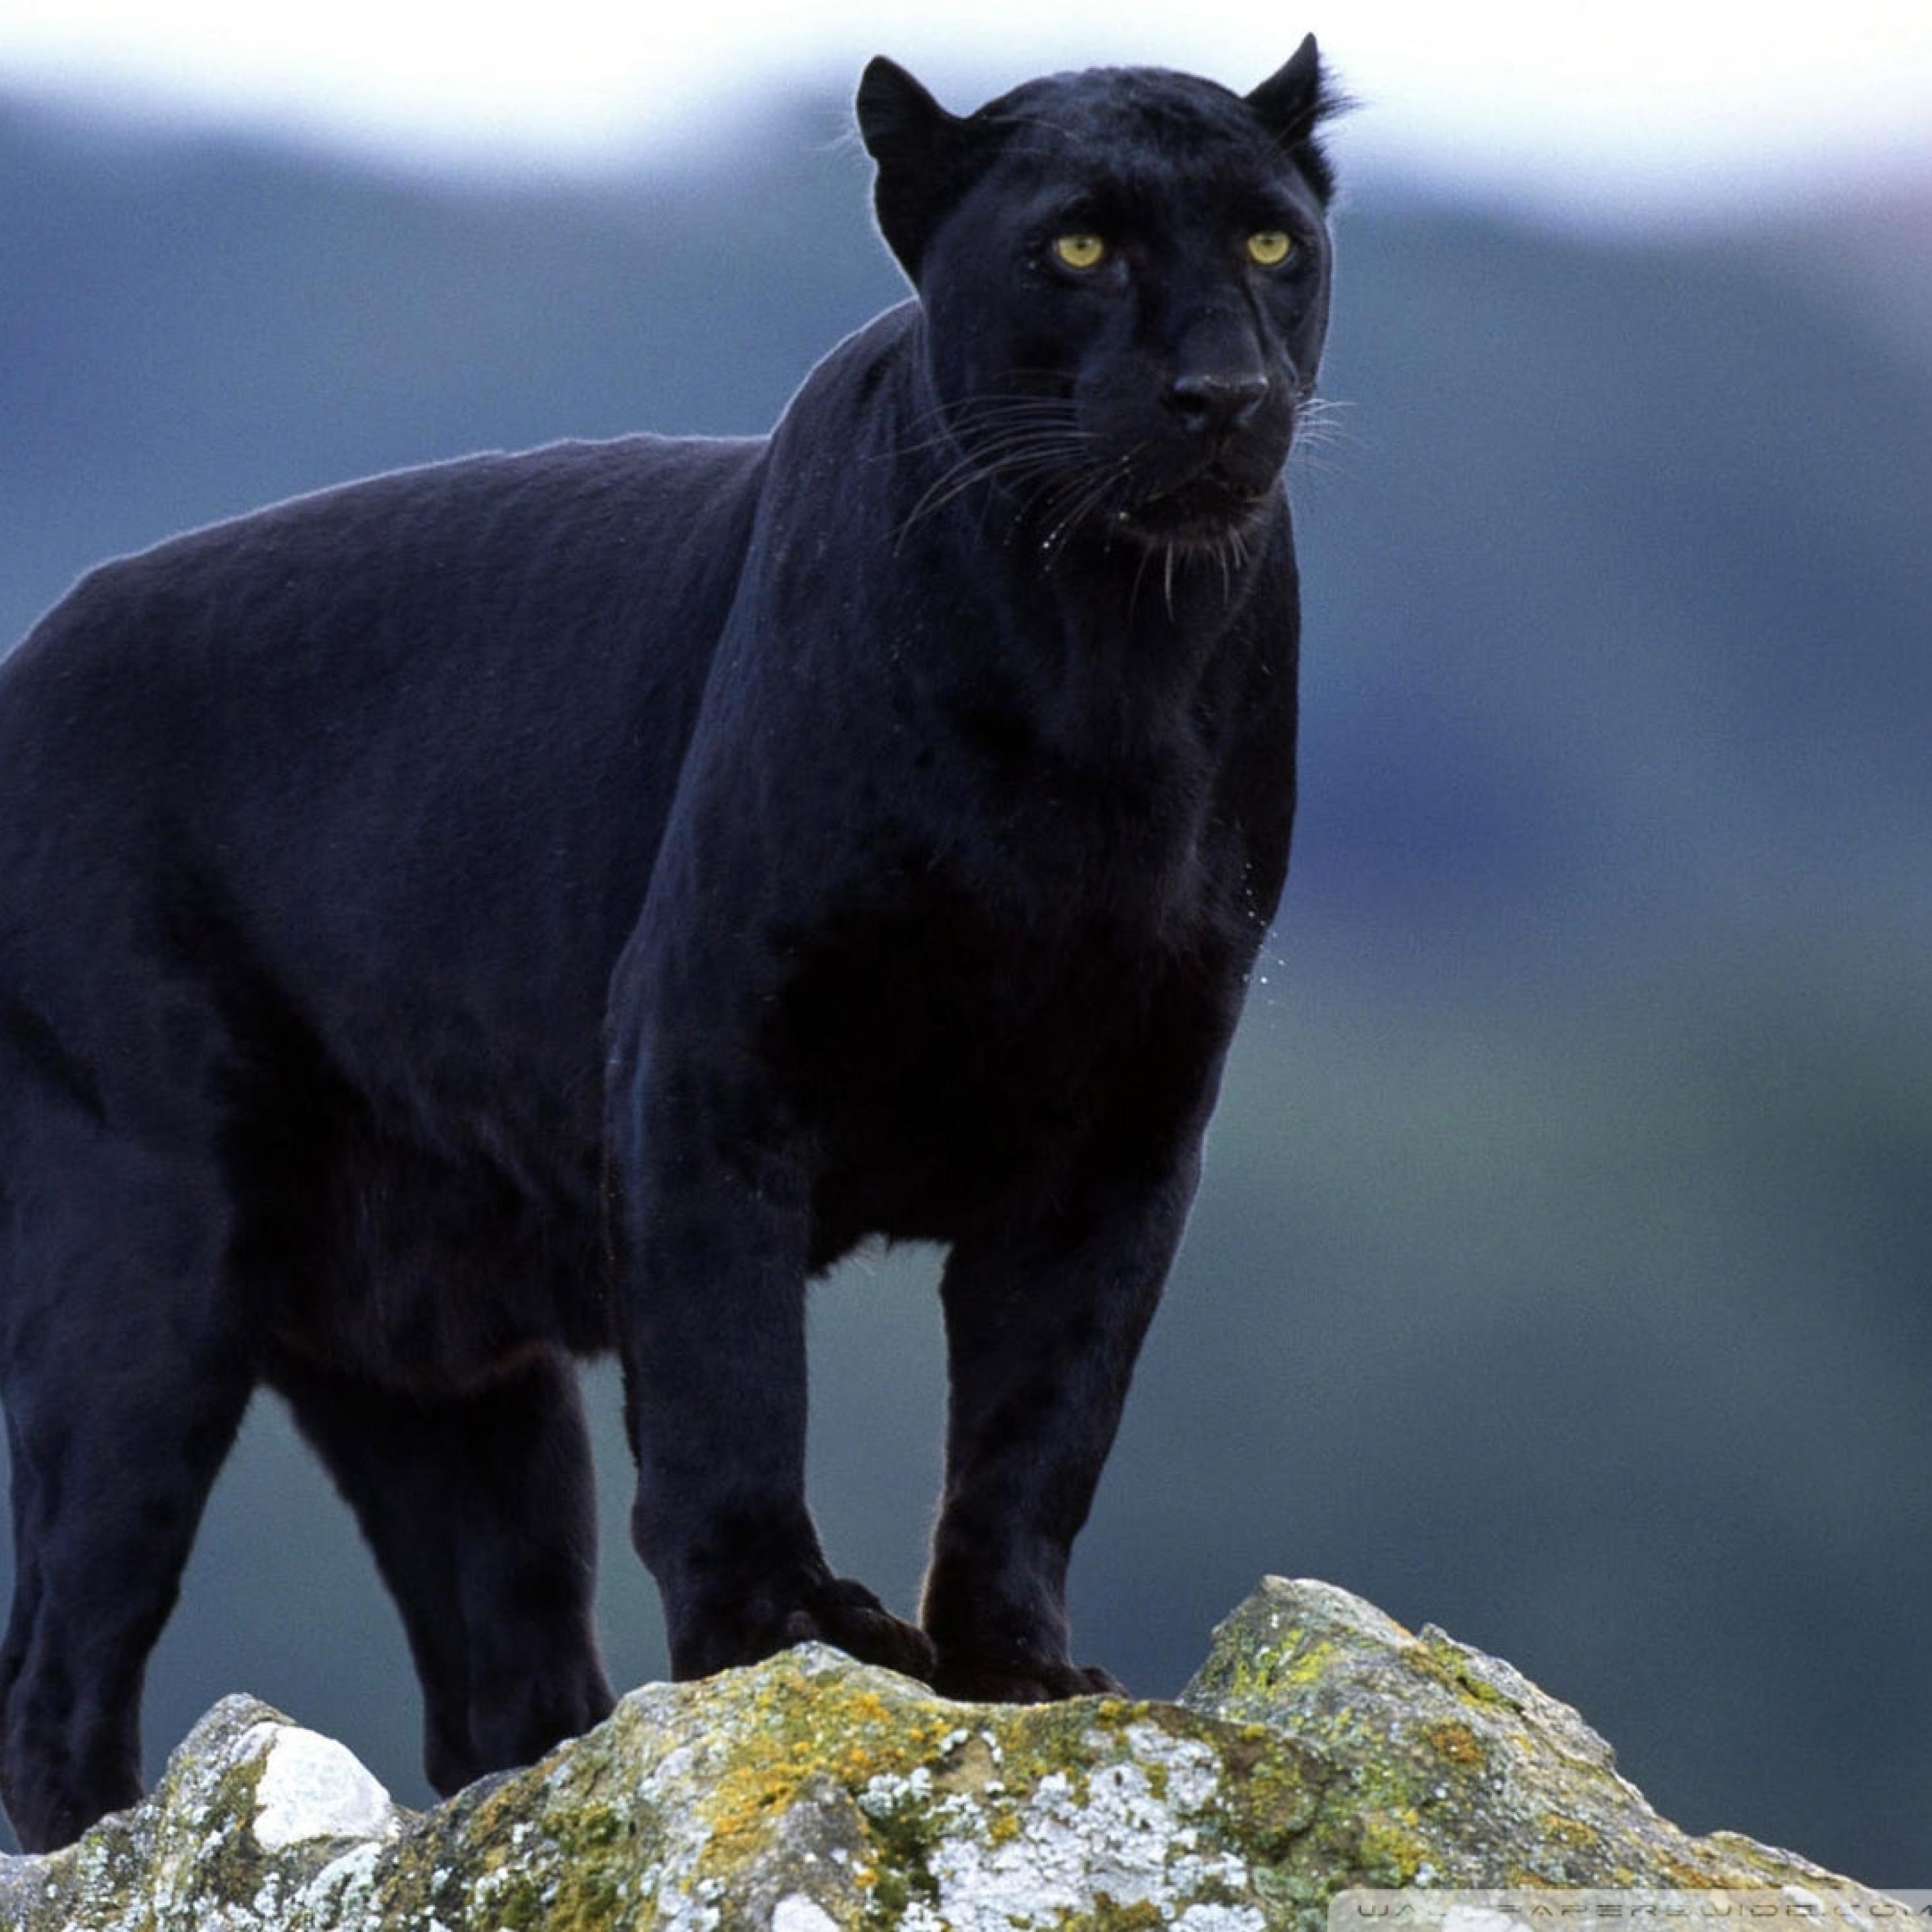 2932x2932 Black Panther India Ipad Pro Retina Display ...